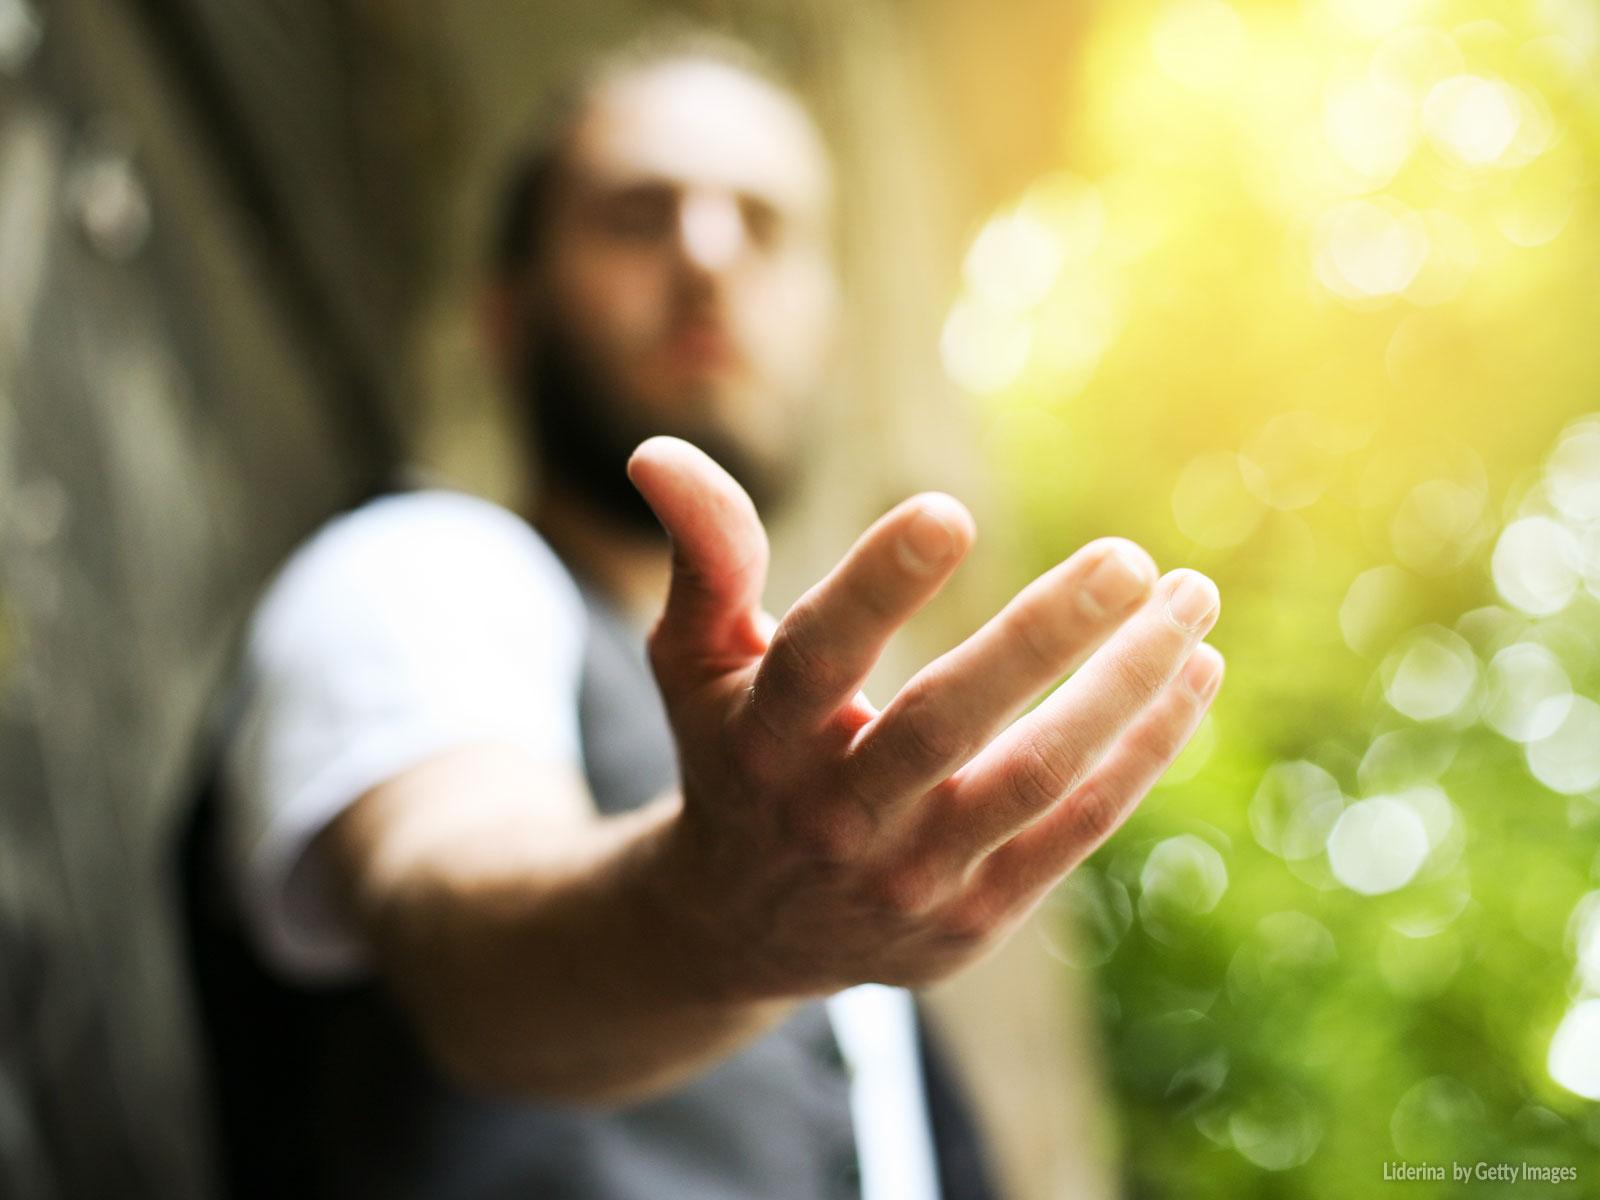 É possível provar a existência de Deus usando somente a razão?